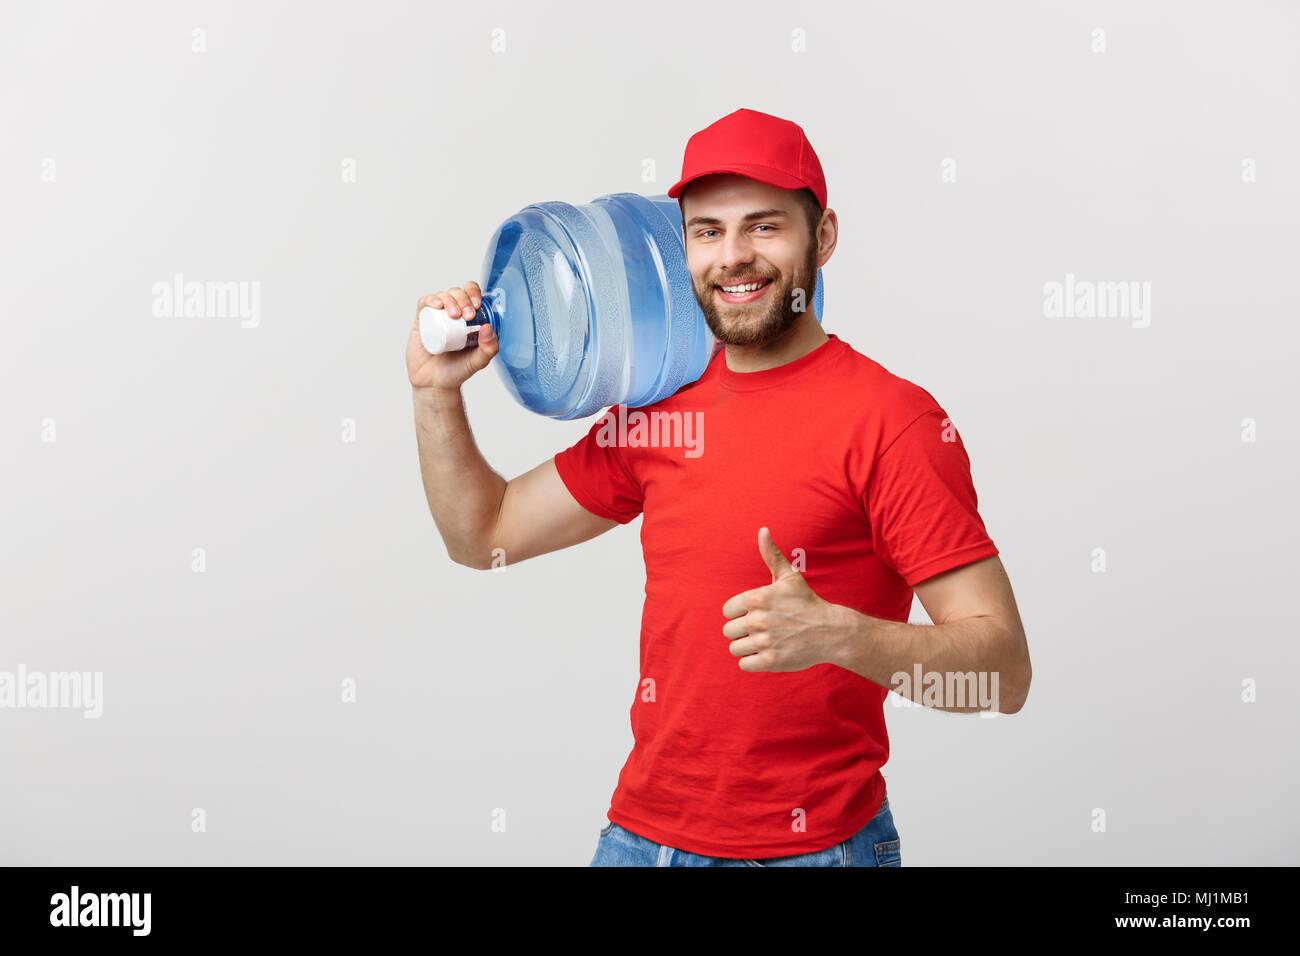 Retrato sonriente courier de entrega de agua embotellada en camiseta roja y tapa de tanque de transporte de bebida fresca y mostrando el pulgar aisladas sobre fondo blanco. Imagen De Stock